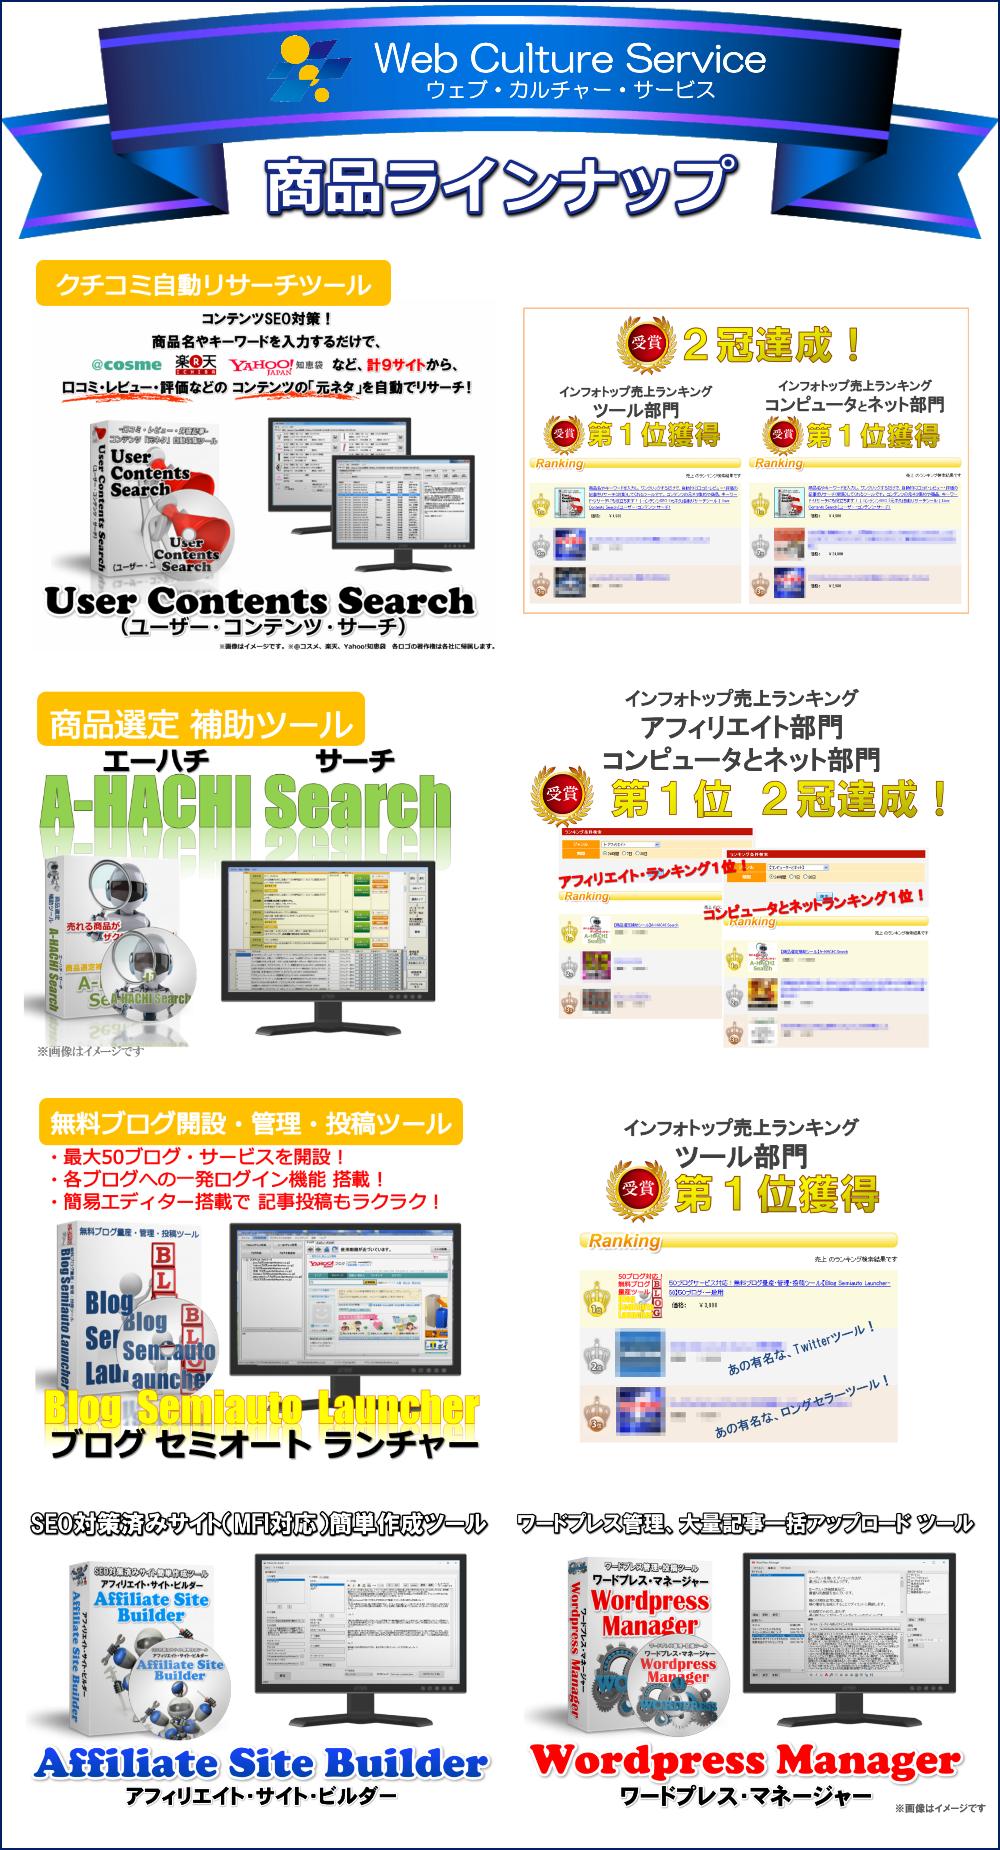 Web Culture Service(ウェブ・カルチャー・サービス)ソフトウェア・ツール商品ラインナップ